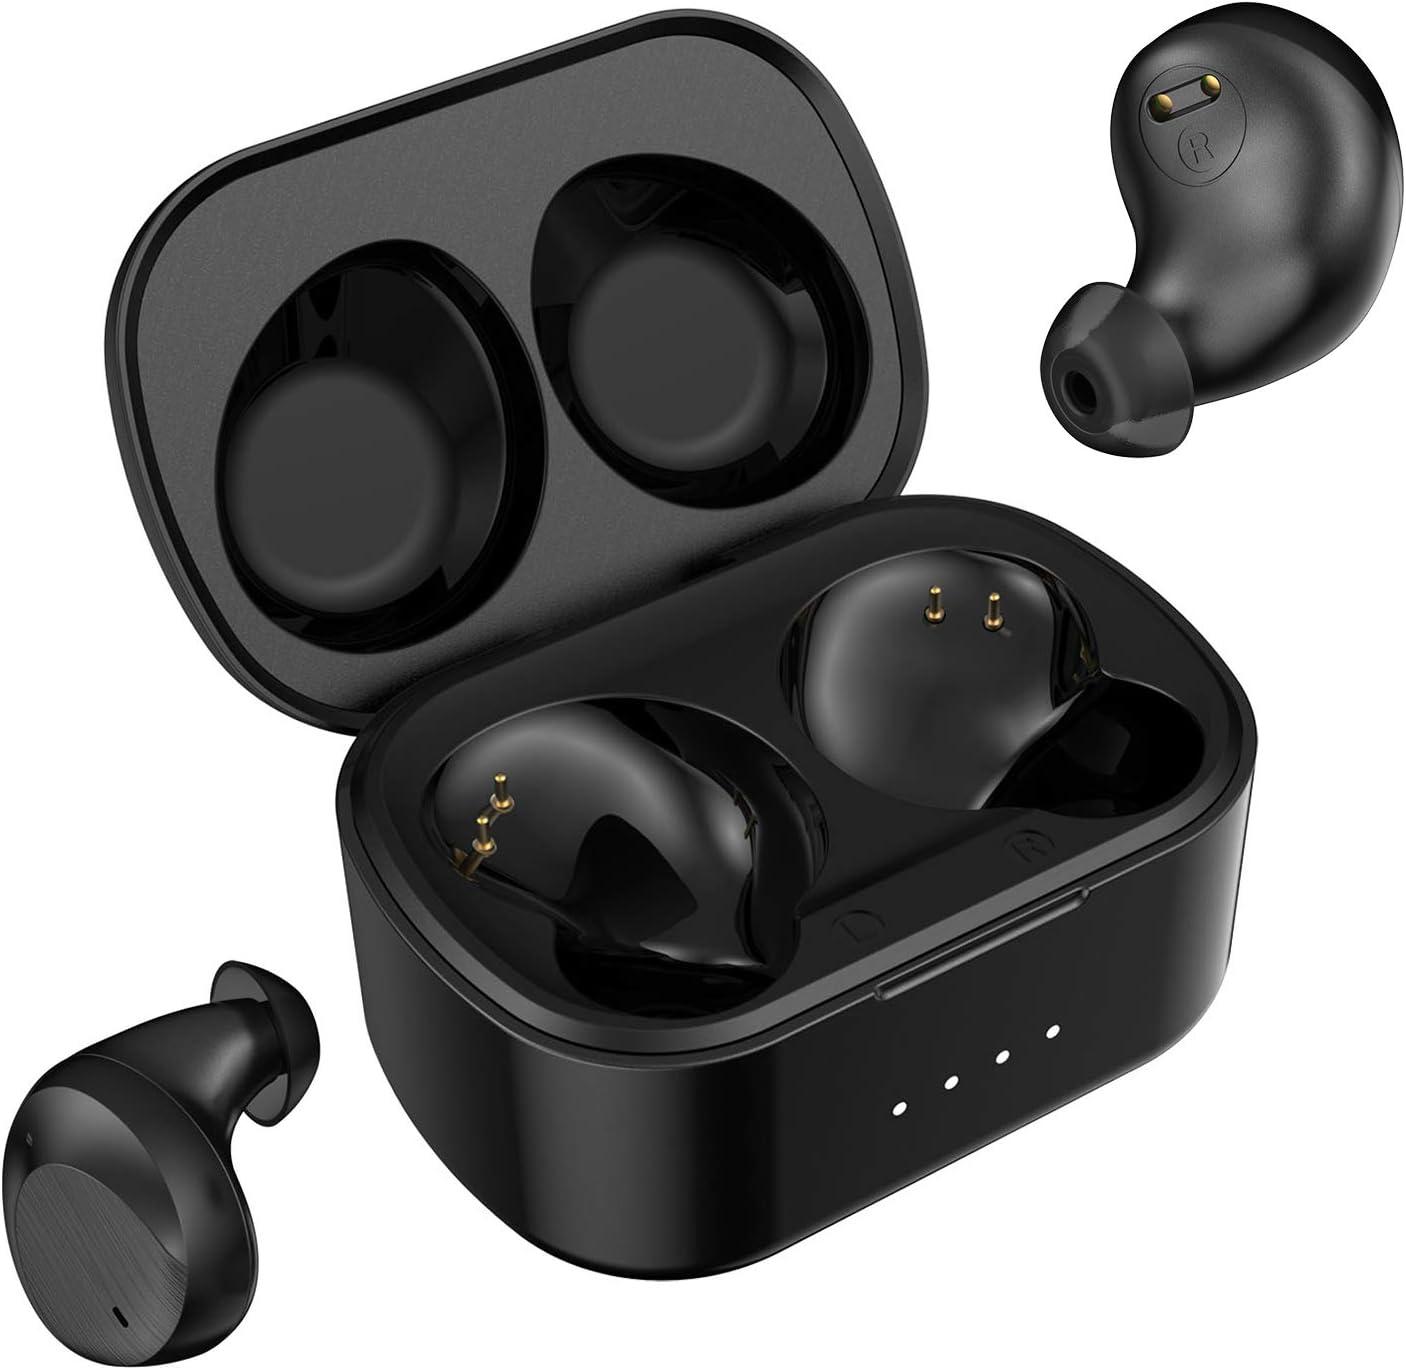 True Wireless Earbuds Bluetooth 5.0 Headphones, Clear Voice Call in-Ear Headset IPX7 Waterproof 40H Wireless Charging Case Sports Earphones (Black)